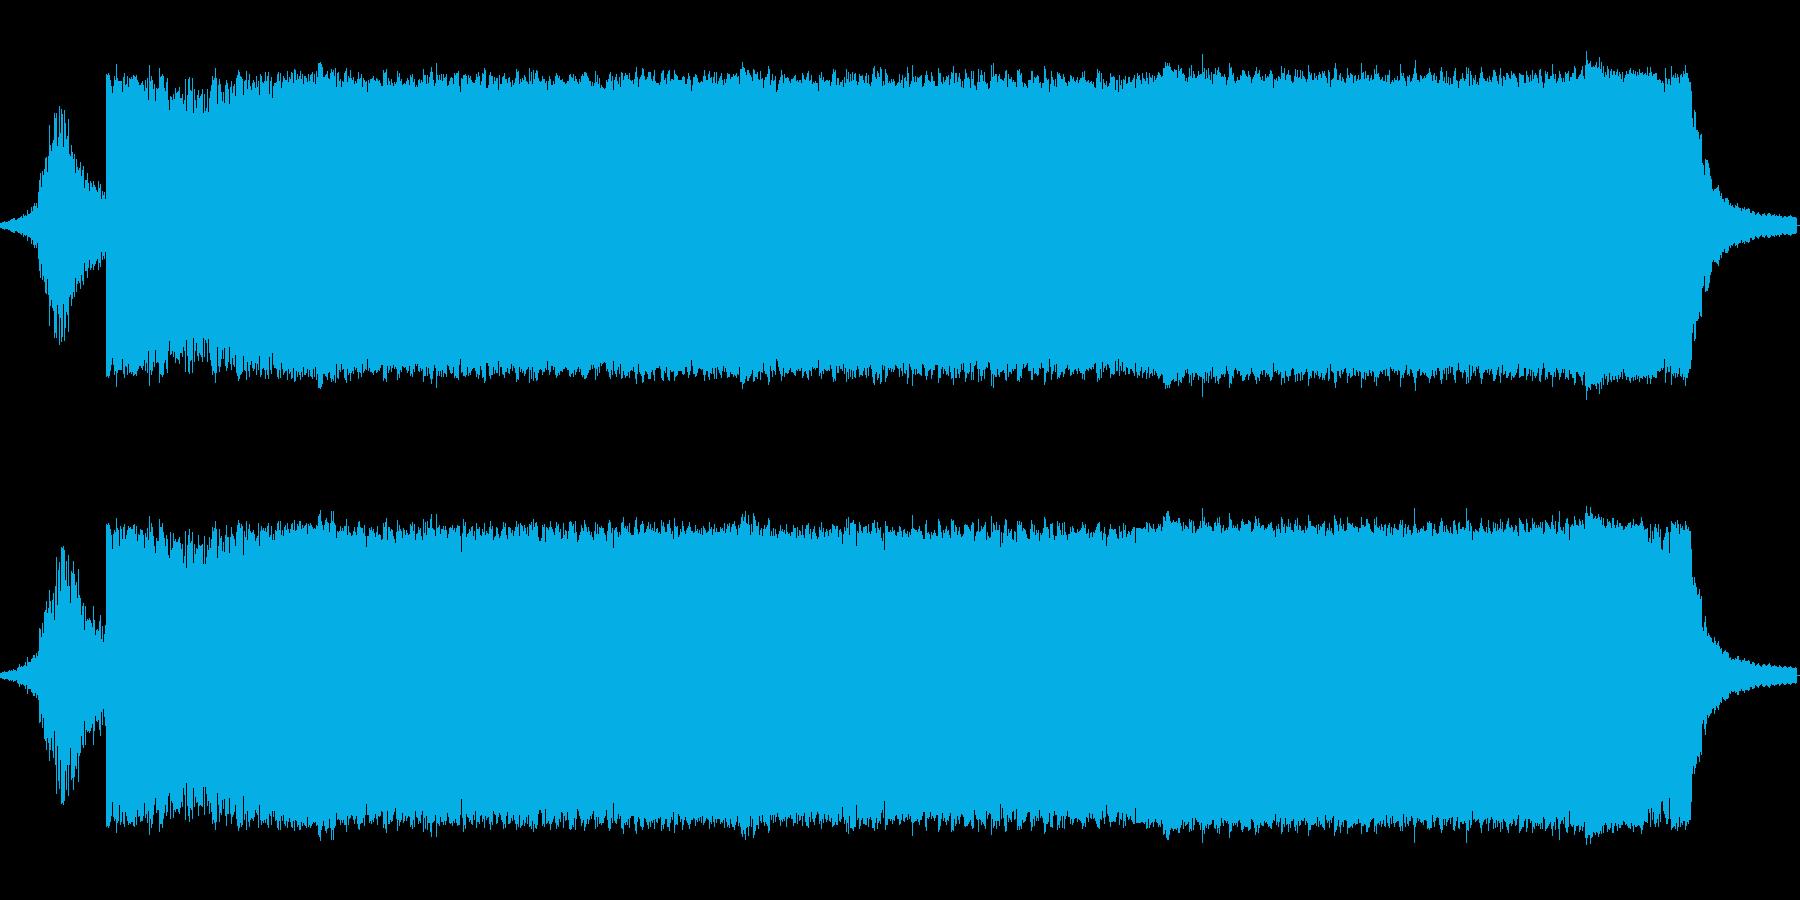 とにかく明るく派手に元気が出るオープニ…の再生済みの波形